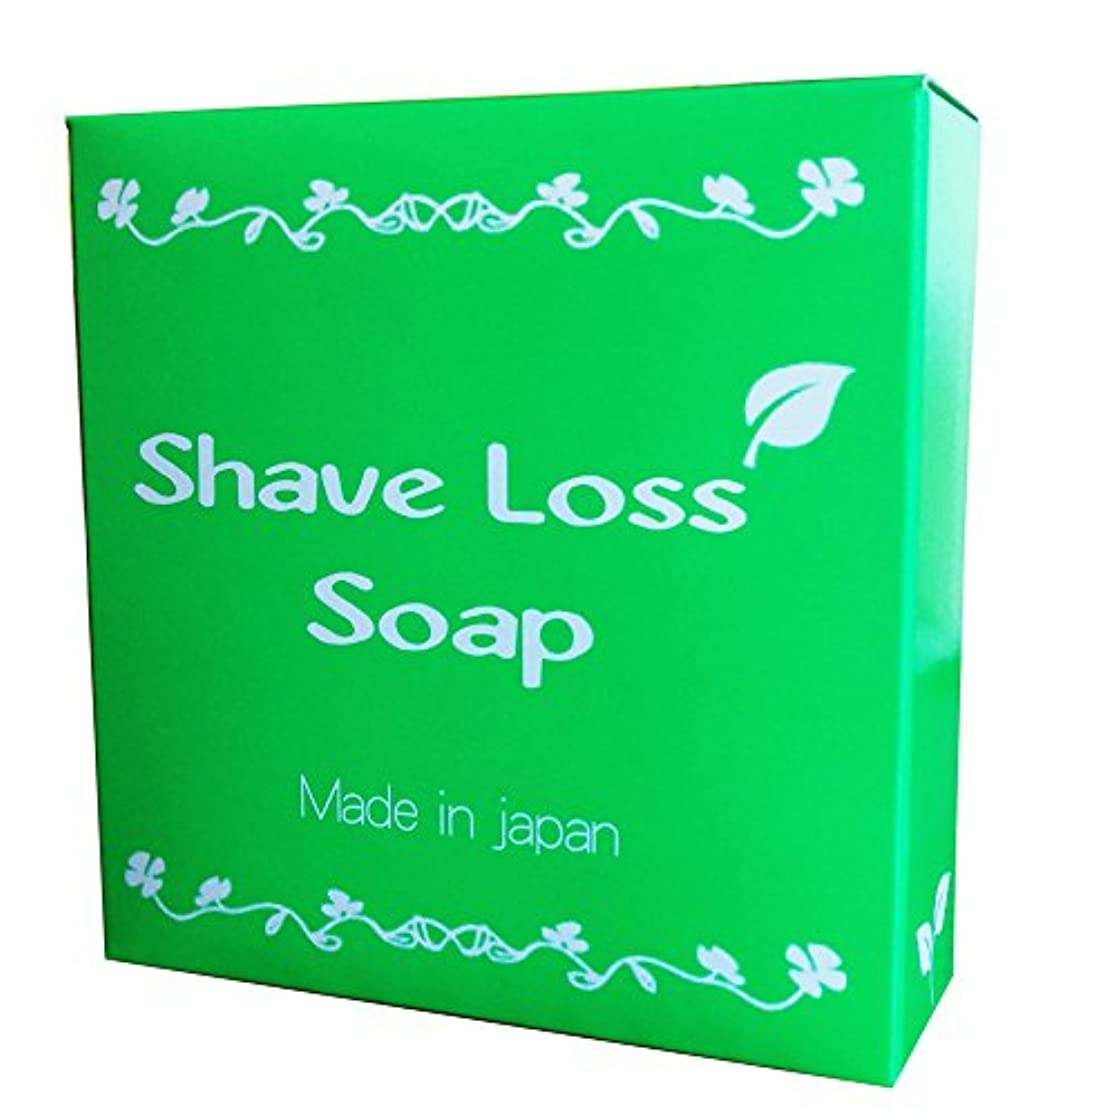 ダウンイースターけん引Shave Loss Soap 女性のツルツルを叶える 奇跡の石鹸 80g (1個)